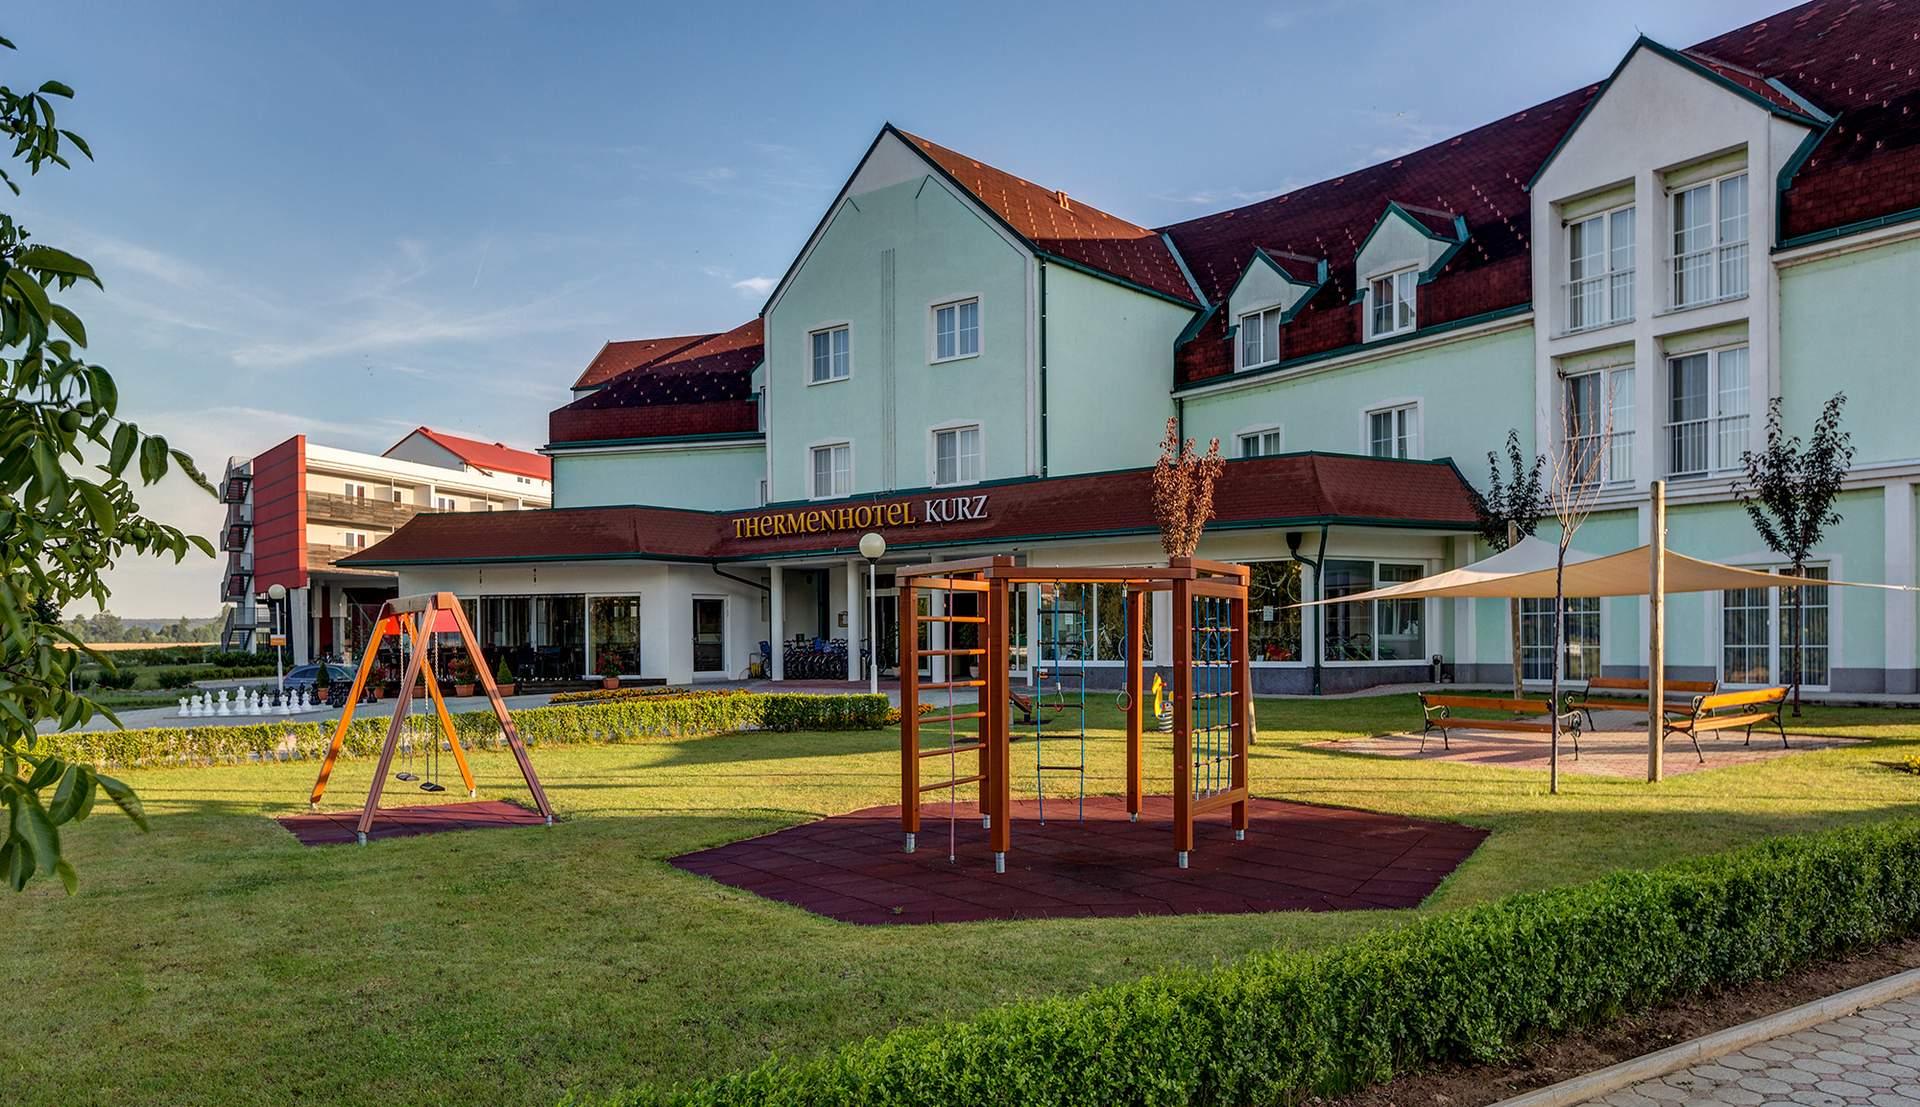 Spielplatz vor dem Hotel